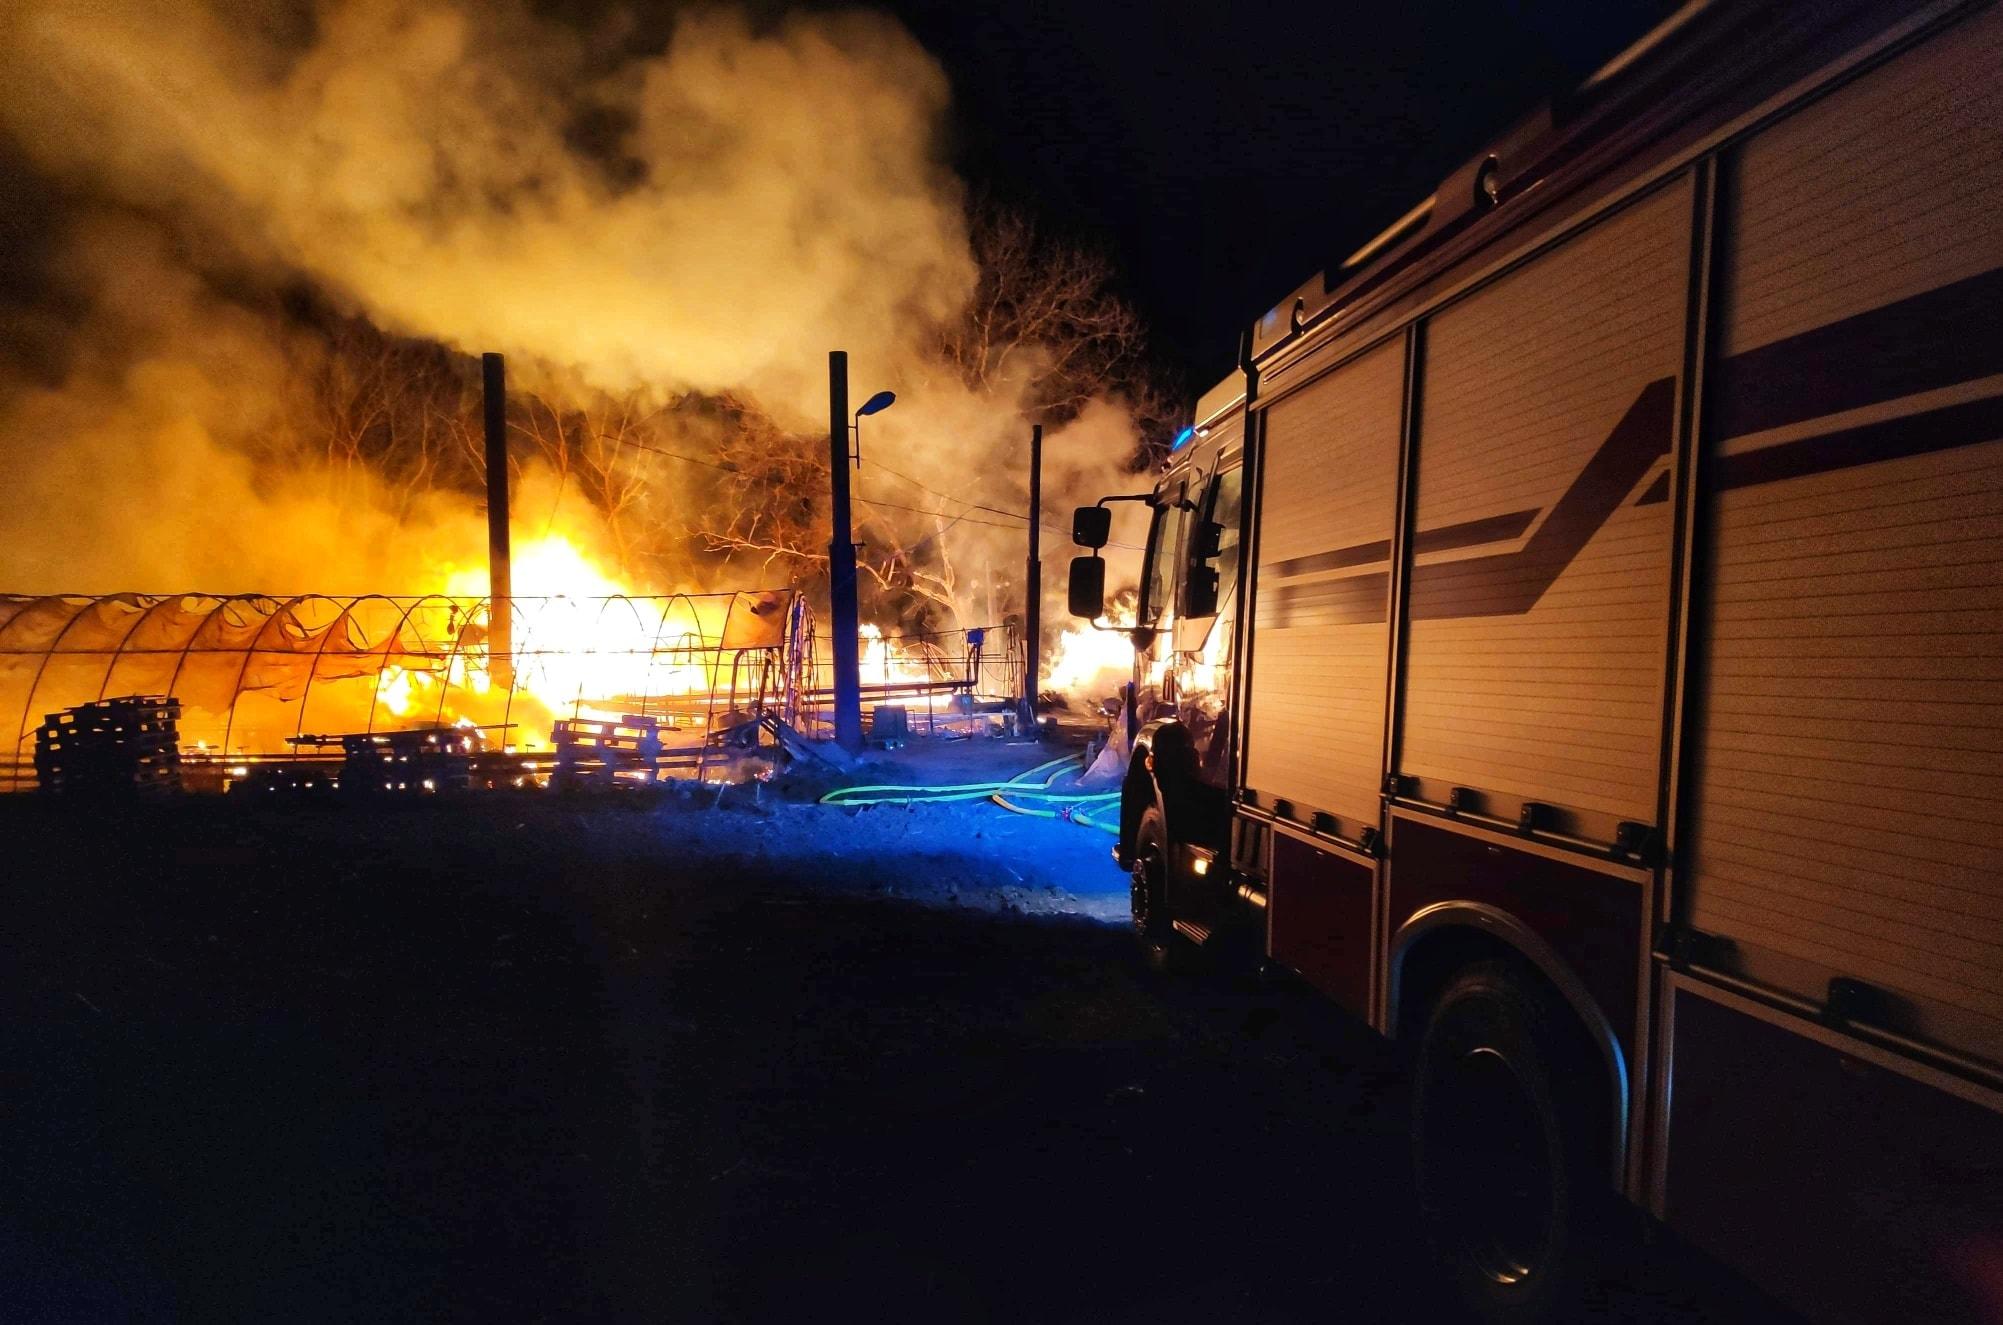 Z PODKARPACIA. Spłonęły szklarnie i budynki w gospodarstwie [FOTO] - Zdjęcie główne